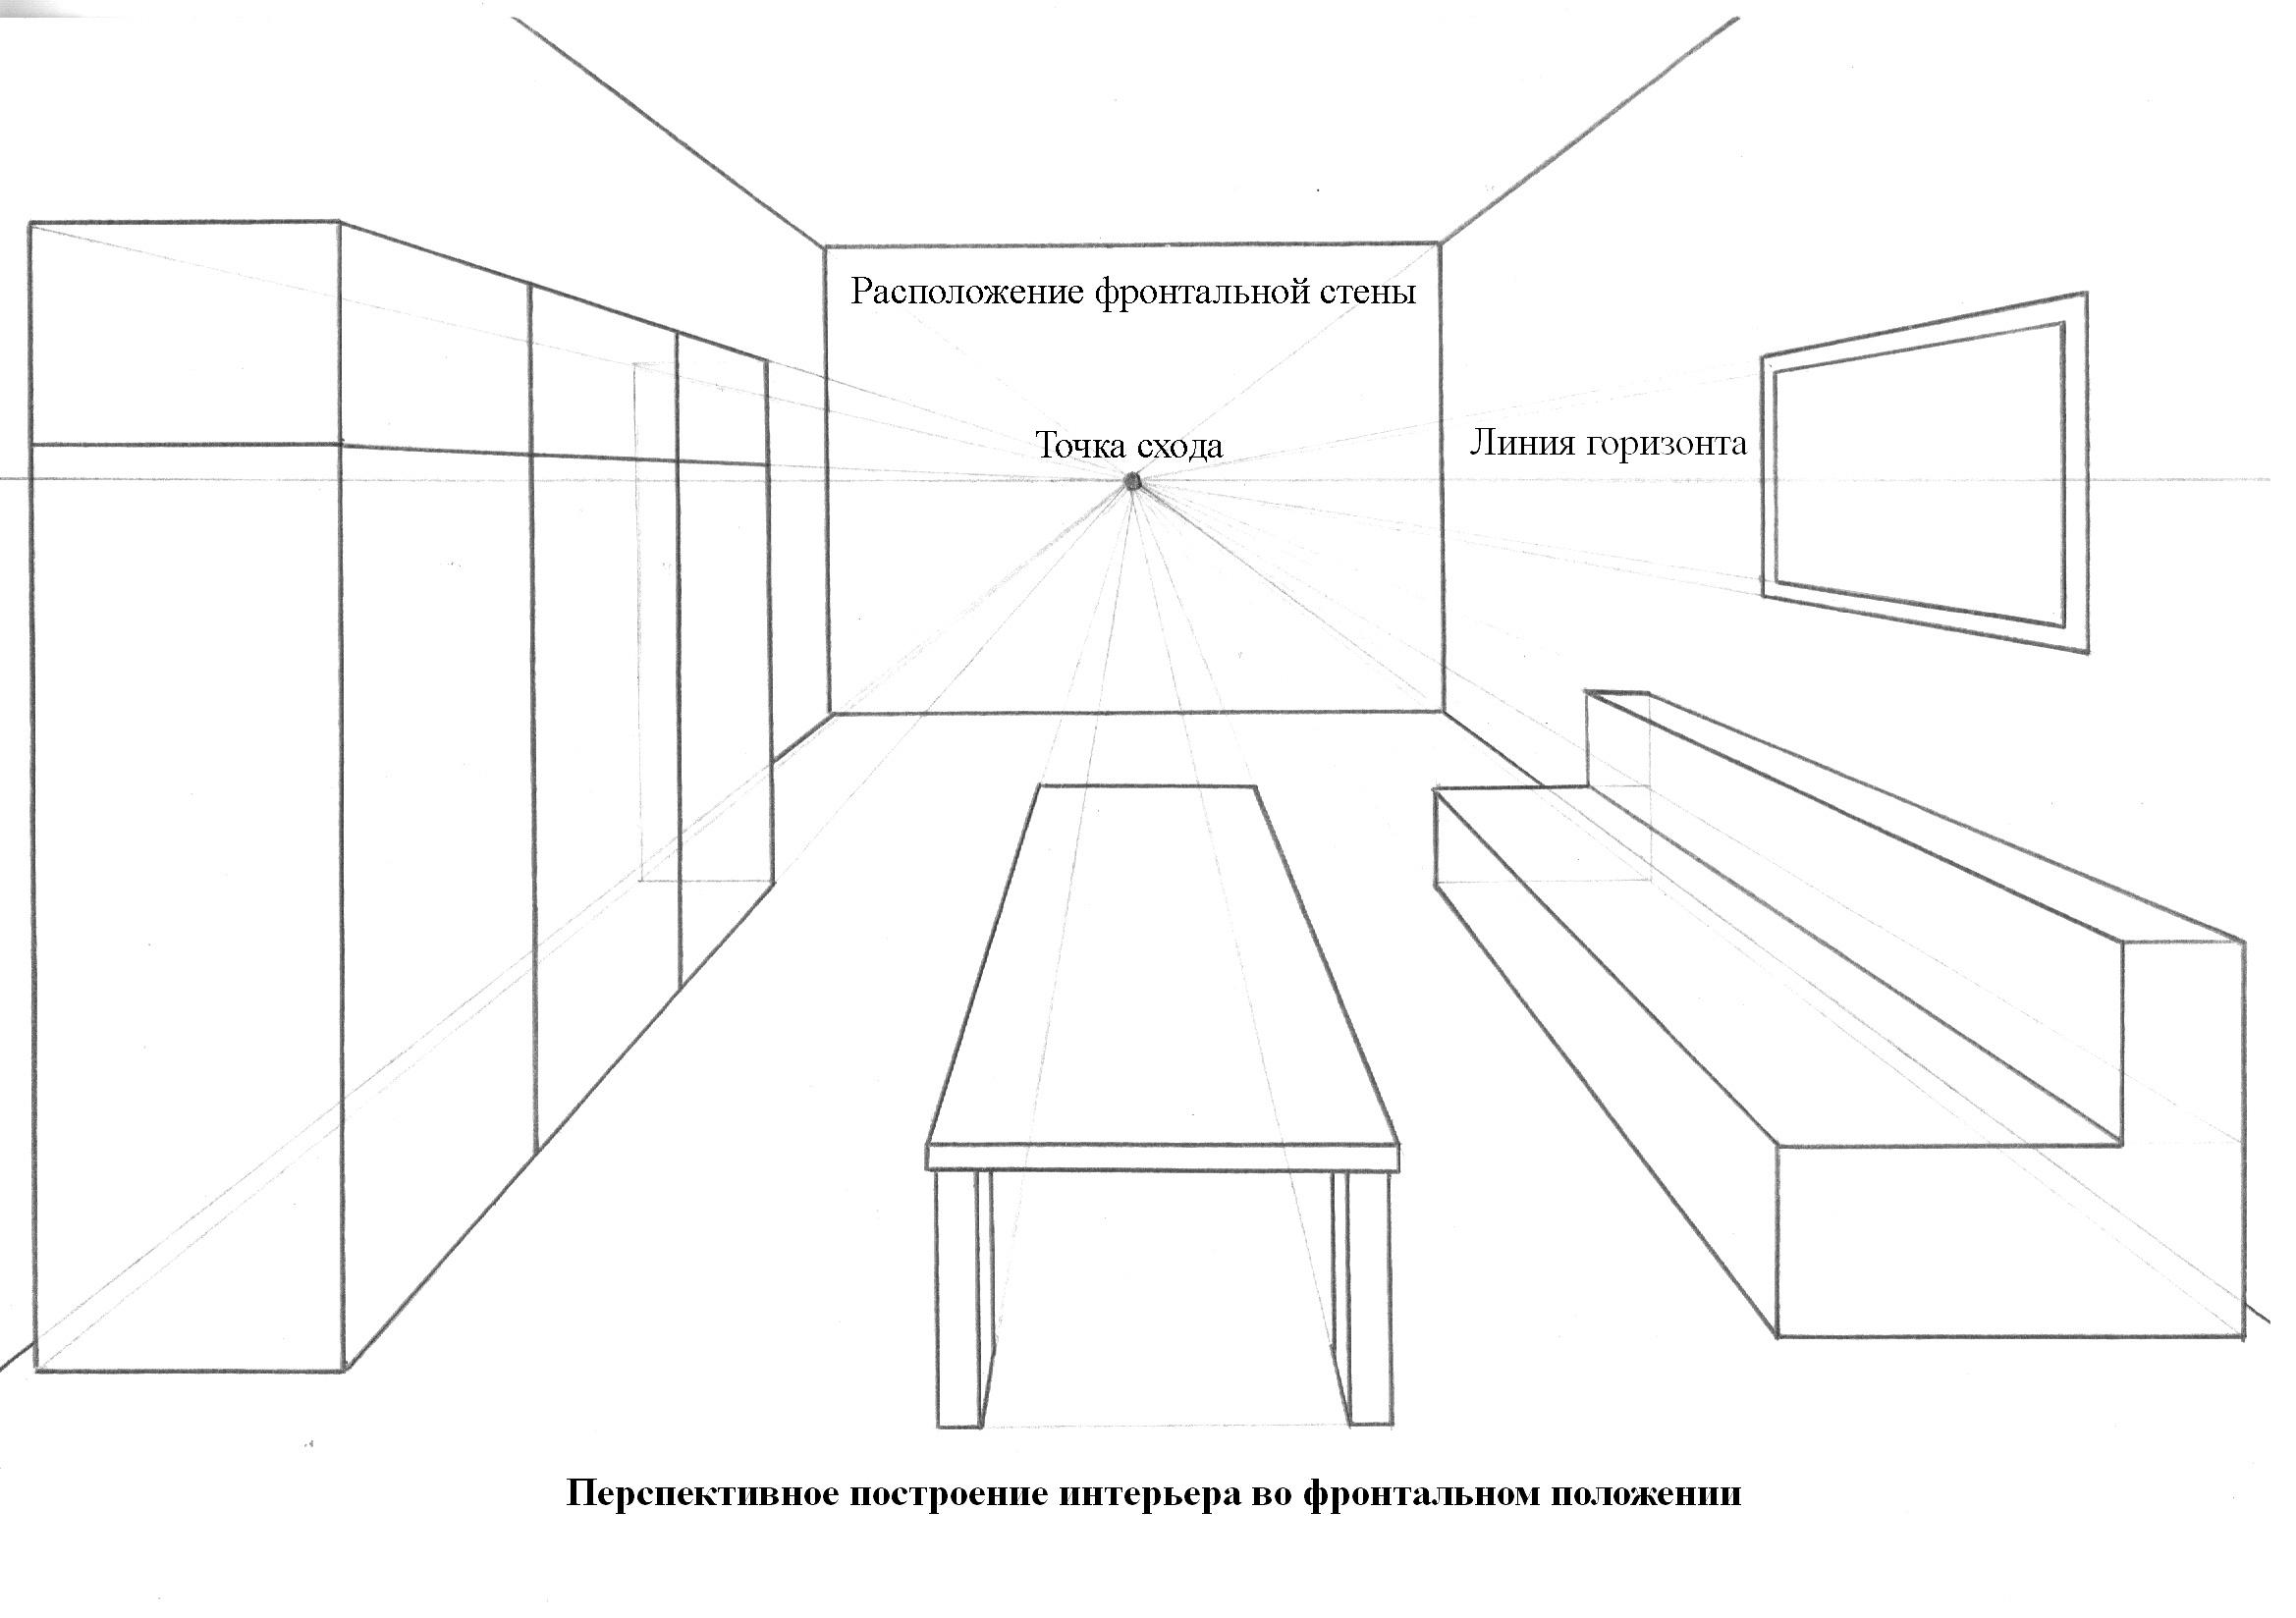 картинка чертеж комнаты описания протоколе микрообъекты